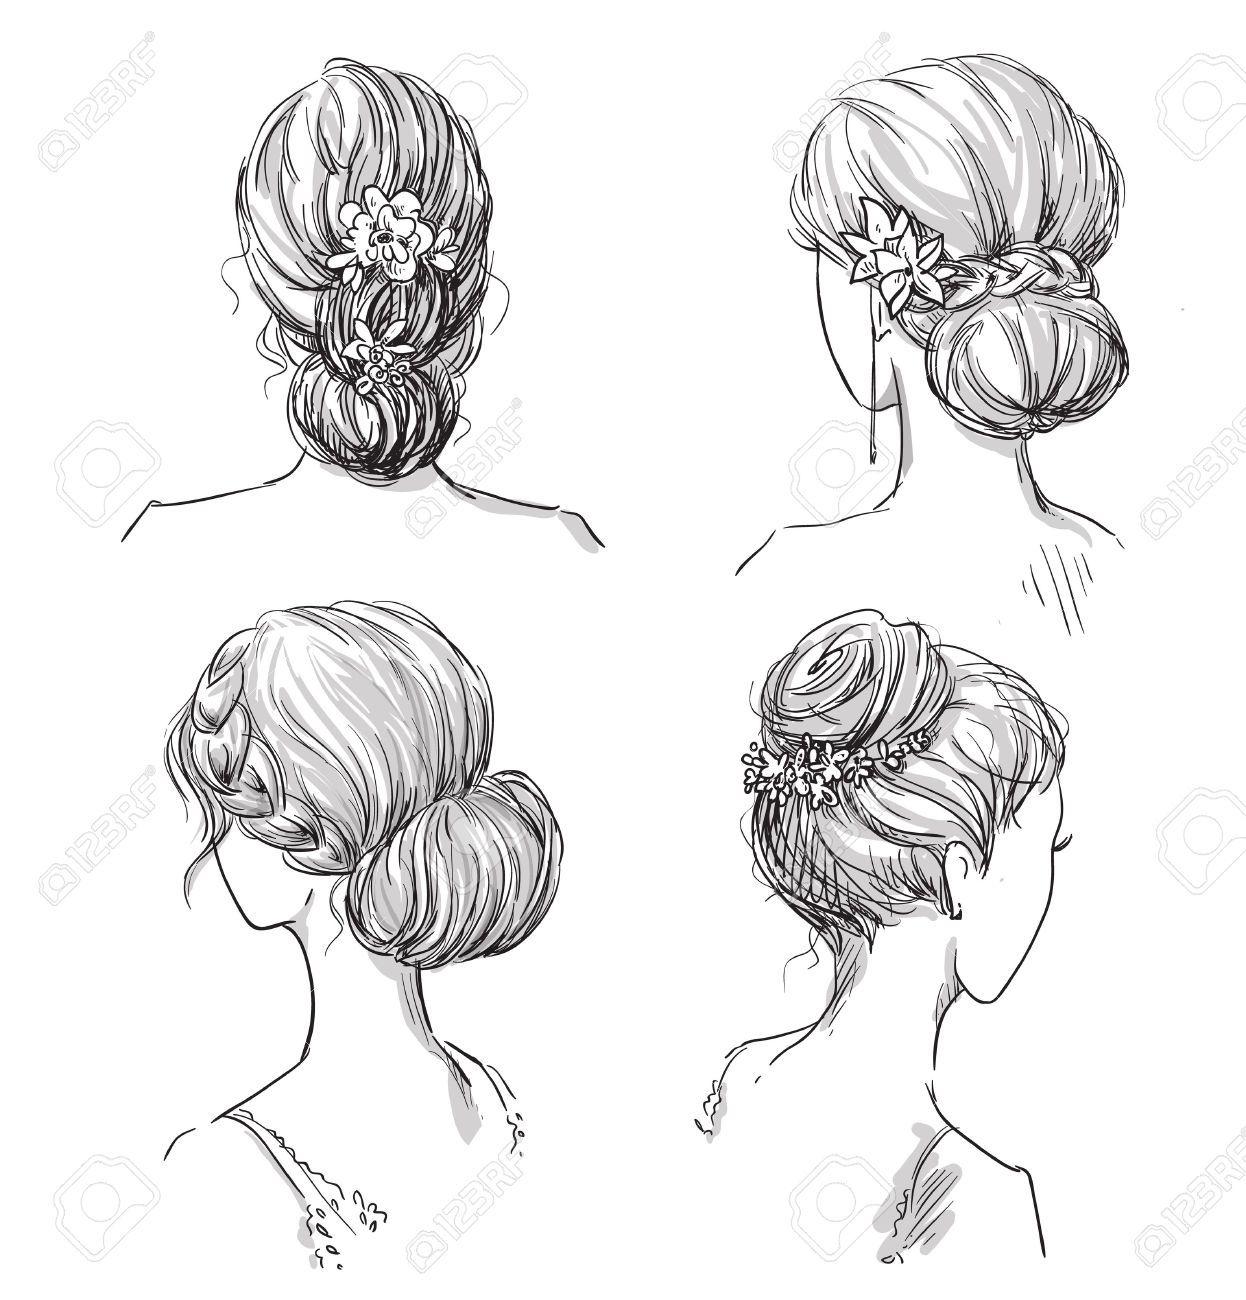 Hairstyle Stock Illustrations Cliparts And Royalty Free Hairstyle Frisuren Zeichnen Haare Skizze Haare Zeichnen